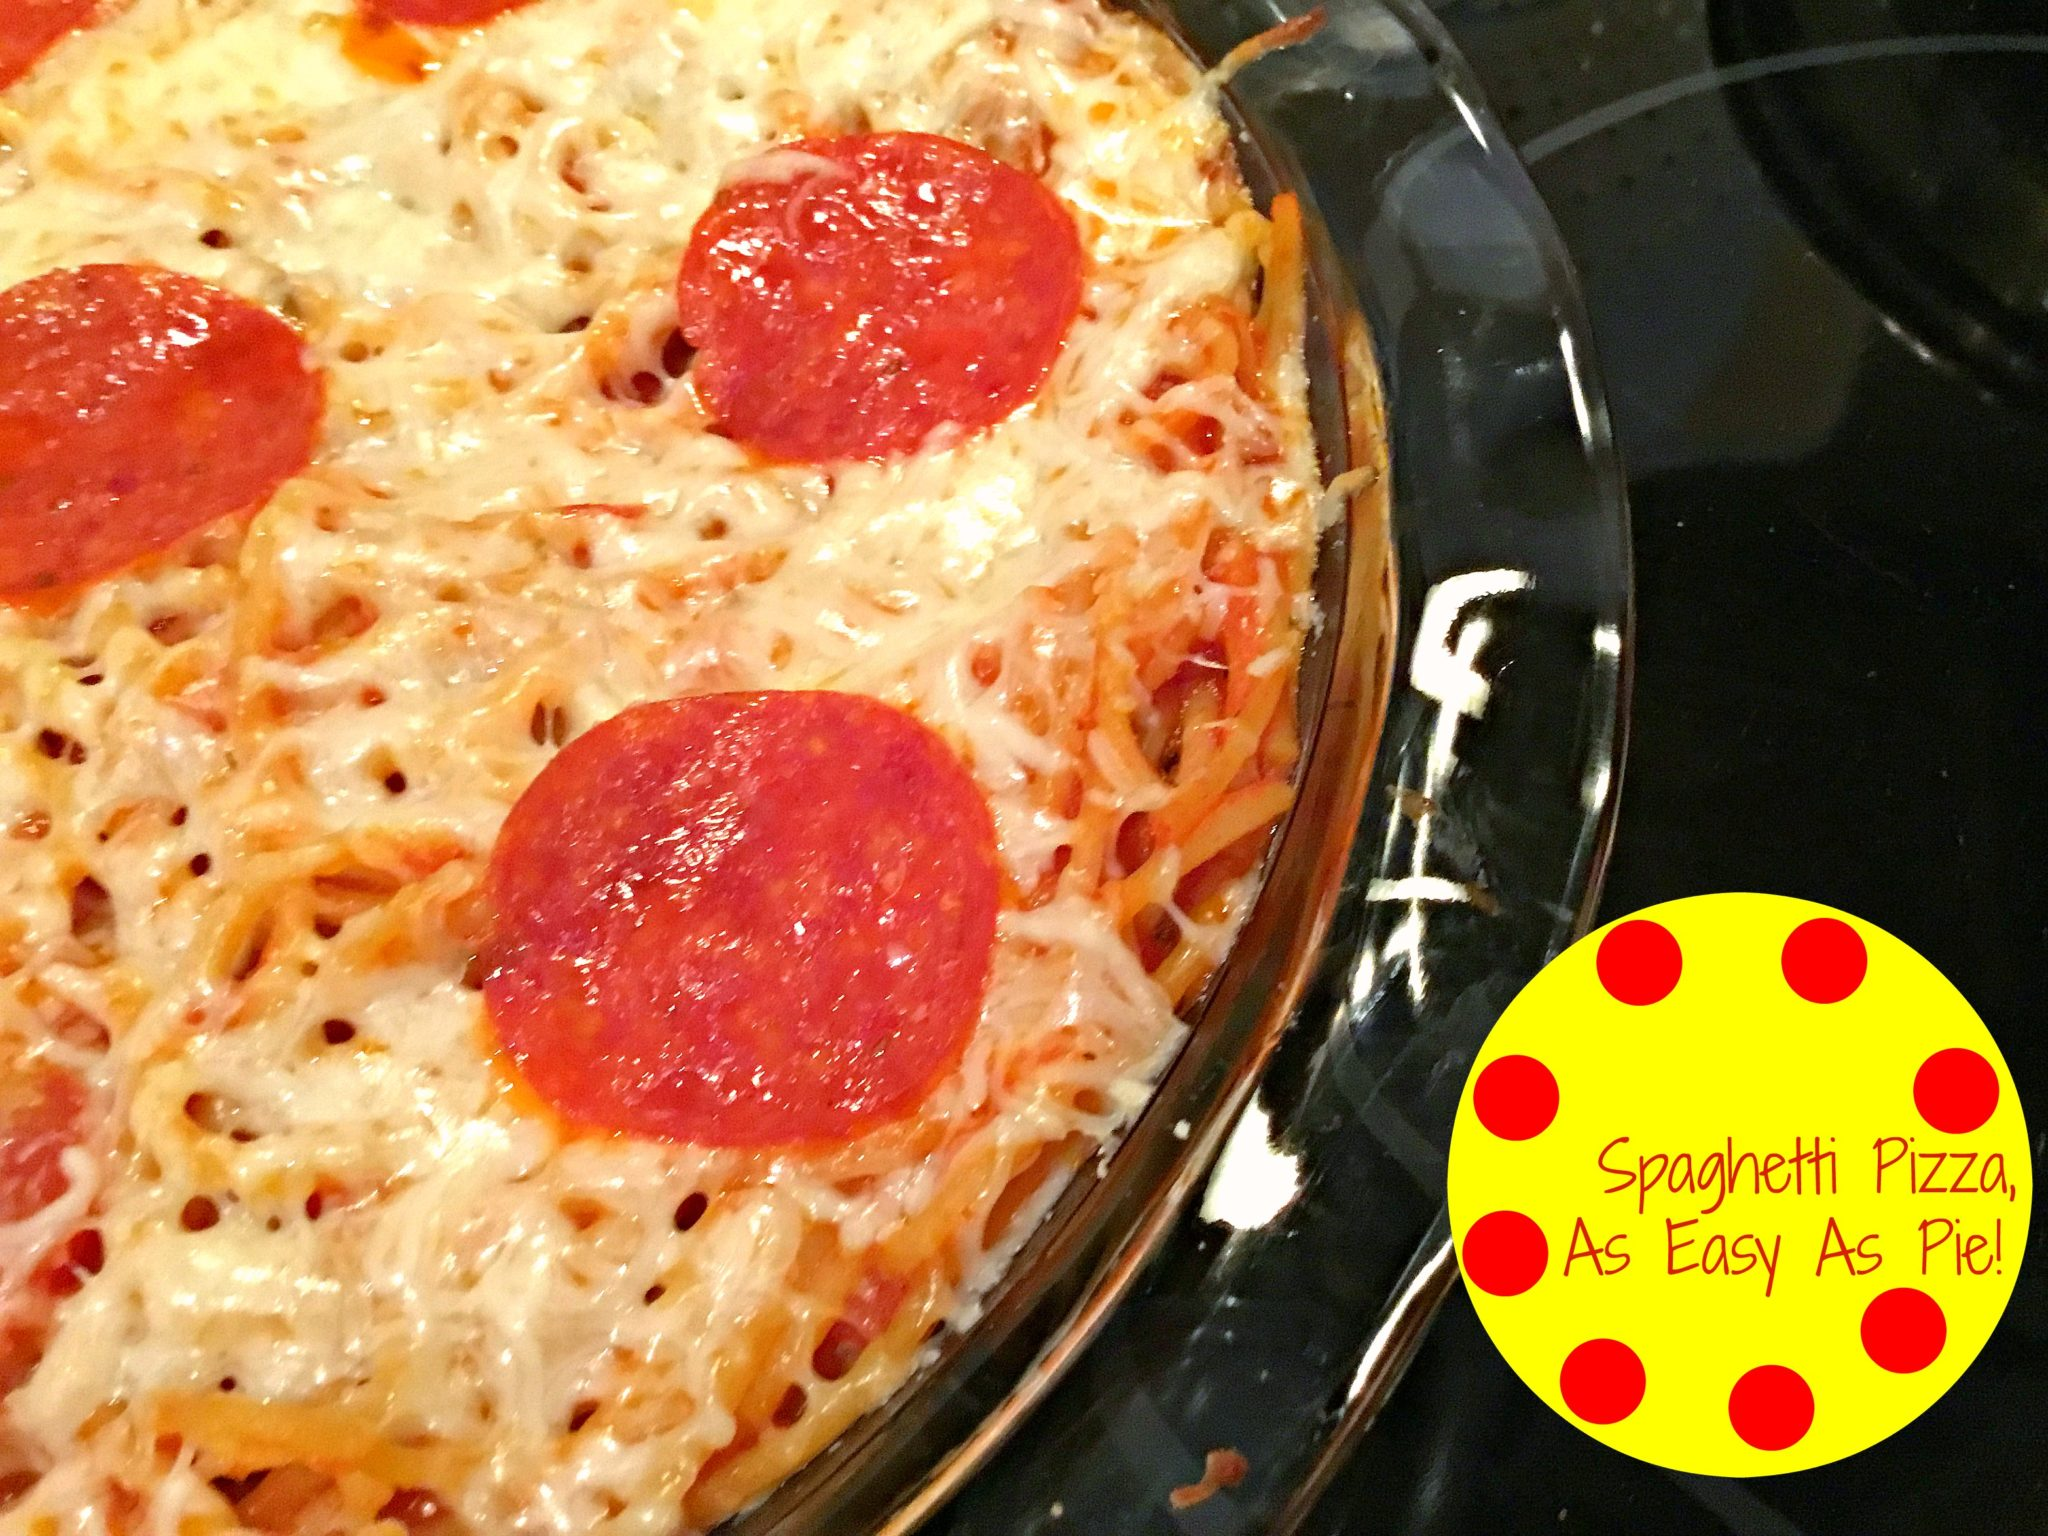 Spaghetti Pizza Hero